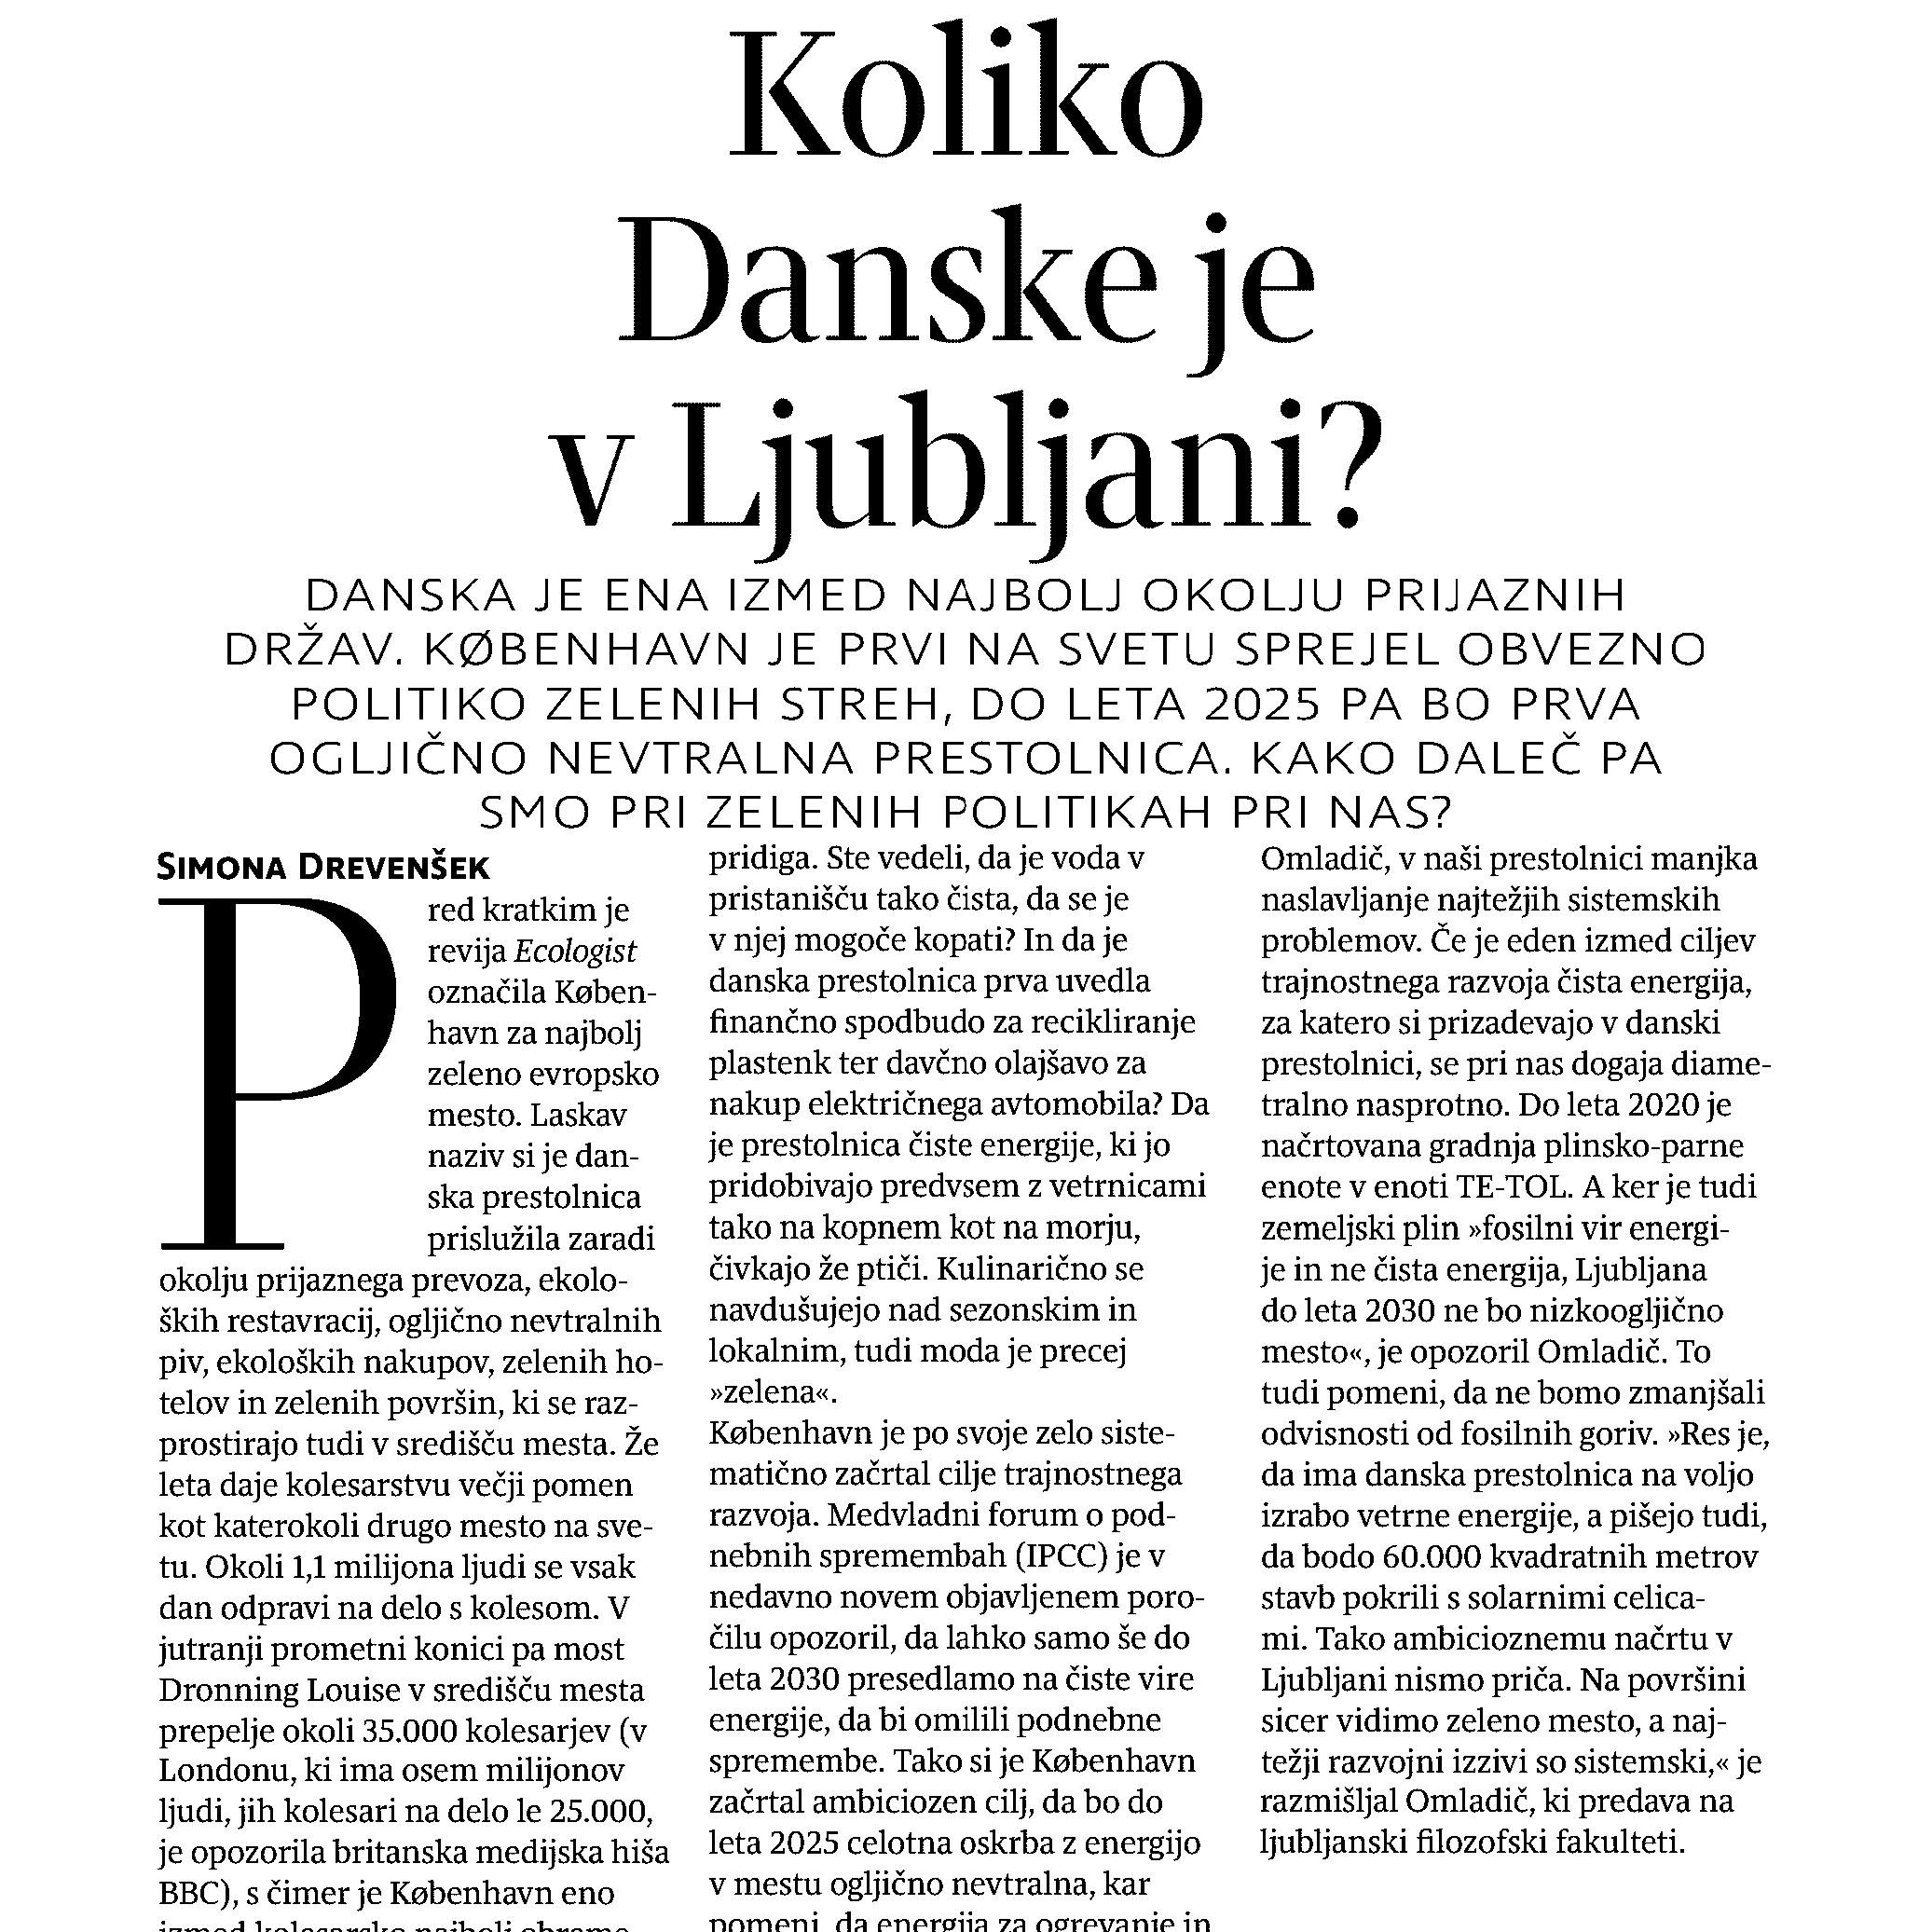 Koliko Danske je v Ljubljani?